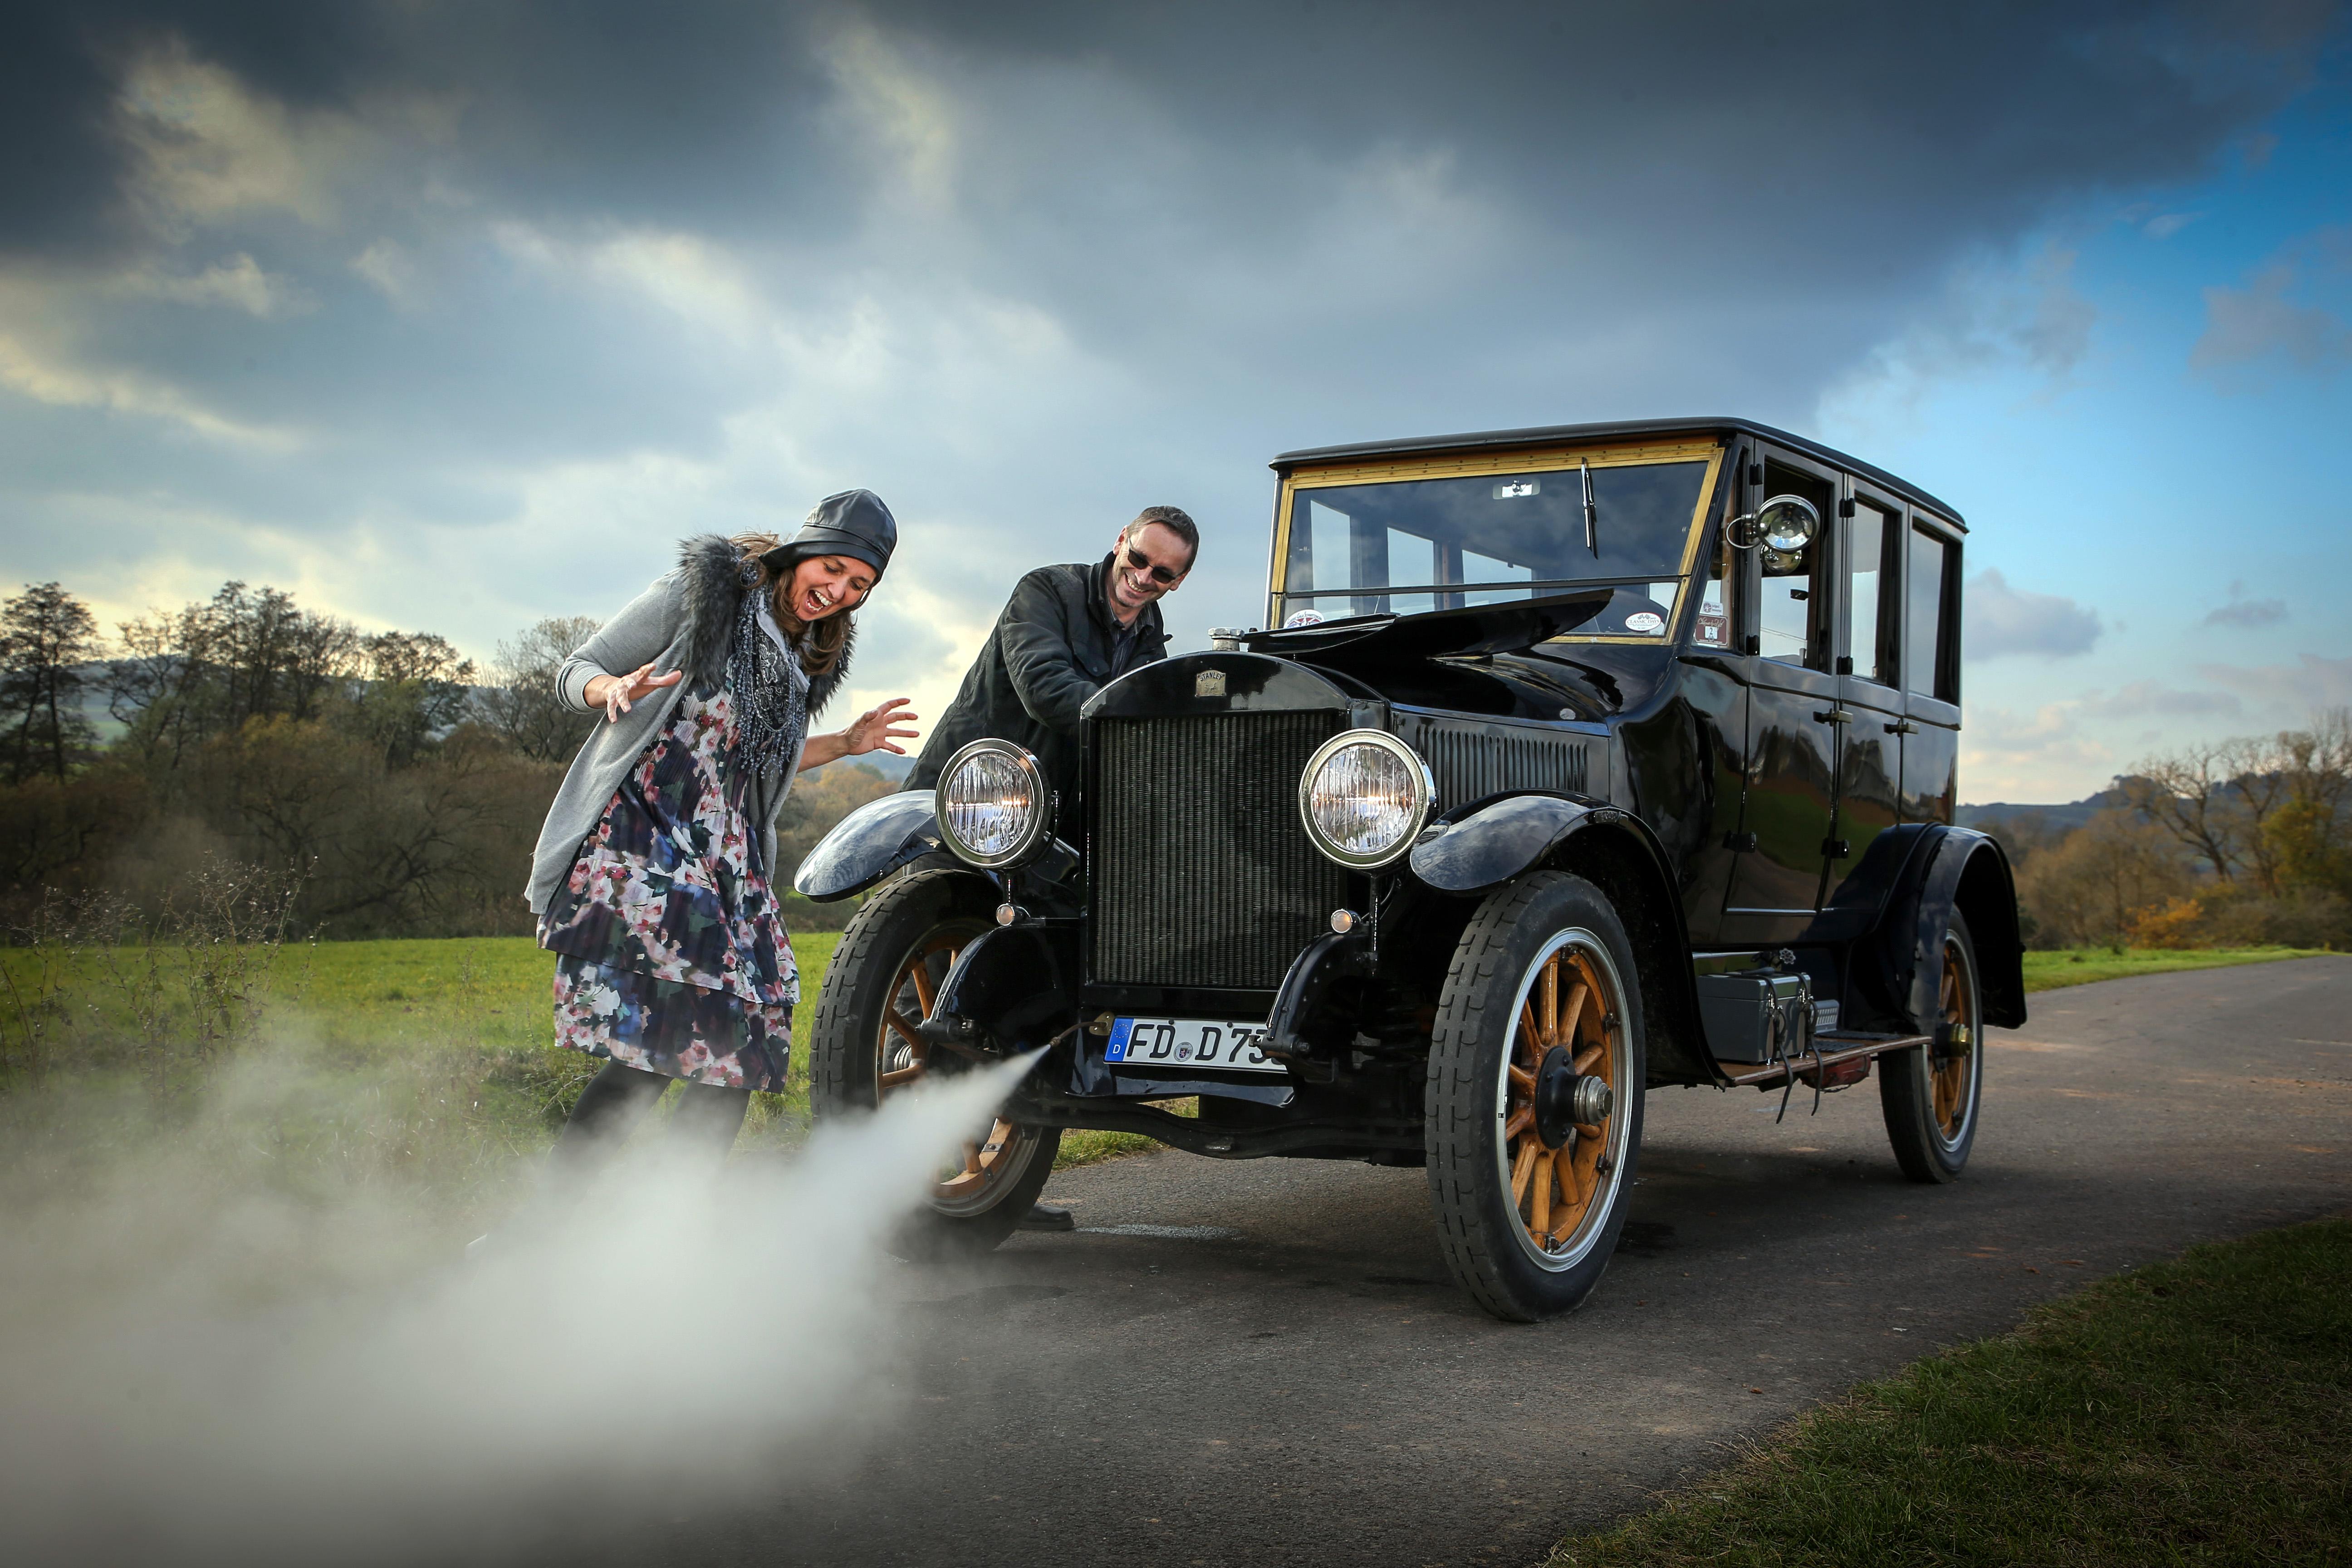 Stanley Steamer 735d (1919) Kessel - Oldtimer Hochzeit - Dampfauto - Oldtimer mieten in Fulda und Hessen für Fotoshootings